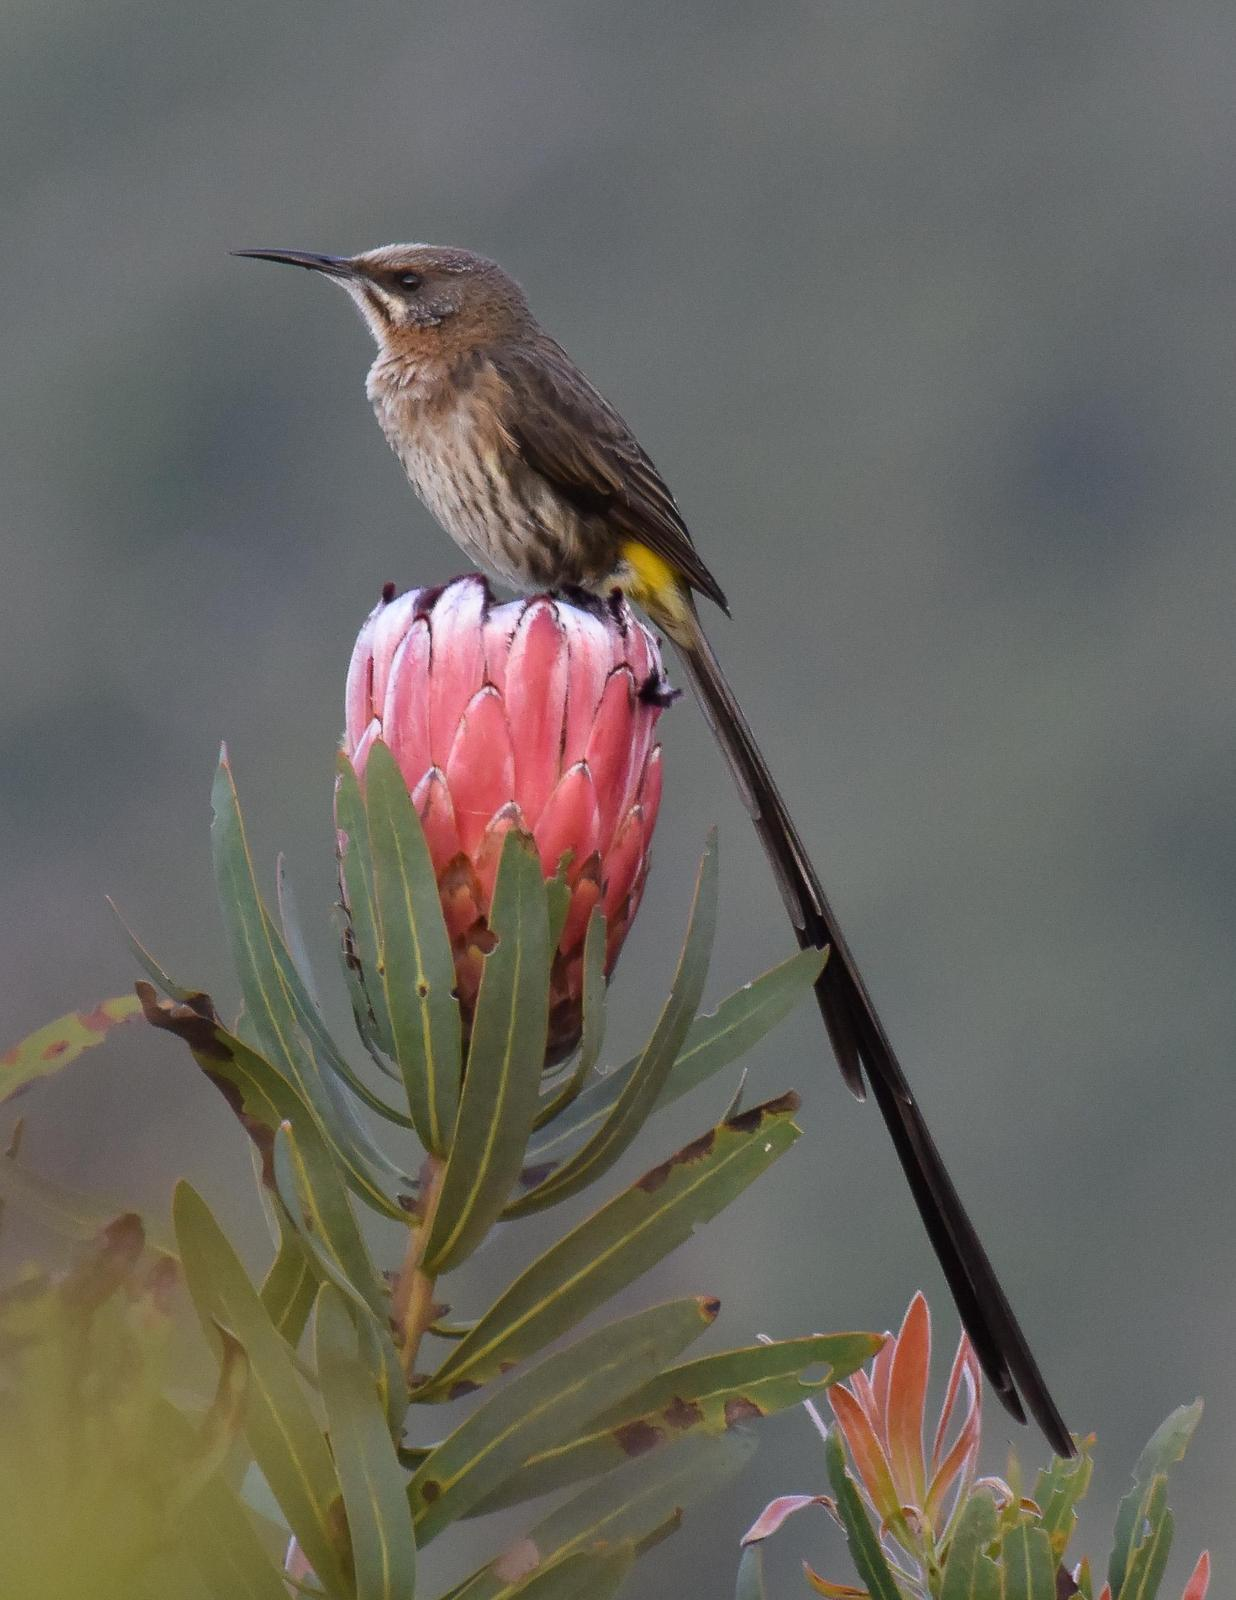 Cape Sugarbird Photo by Steve Percival